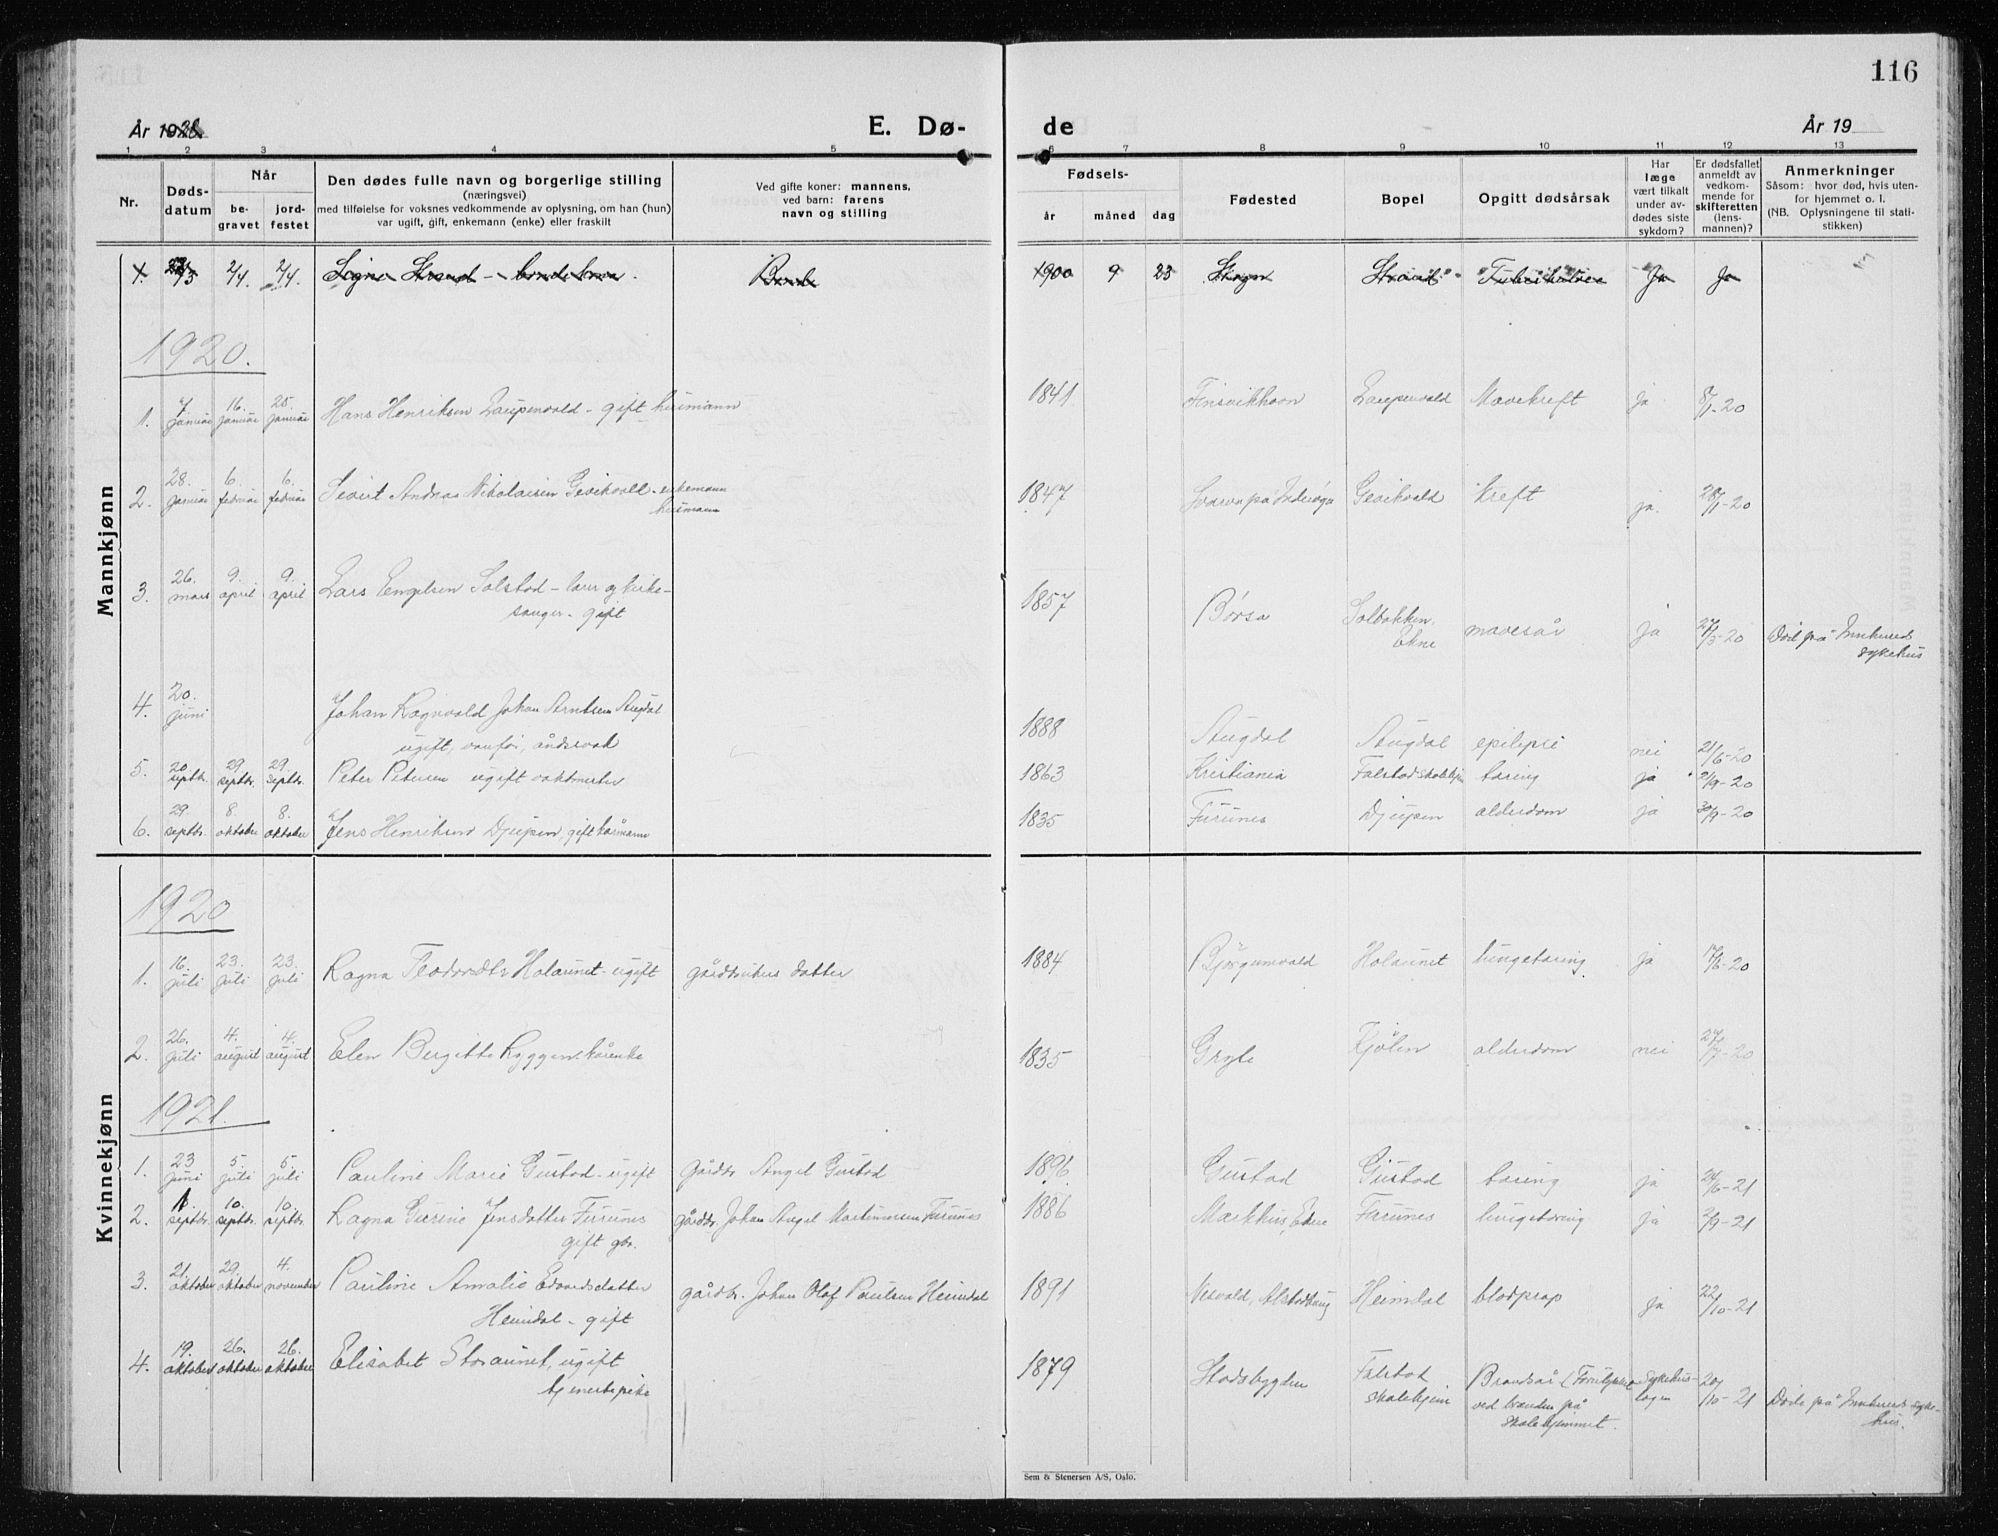 SAT, Ministerialprotokoller, klokkerbøker og fødselsregistre - Nord-Trøndelag, 719/L0180: Klokkerbok nr. 719C01, 1878-1940, s. 116